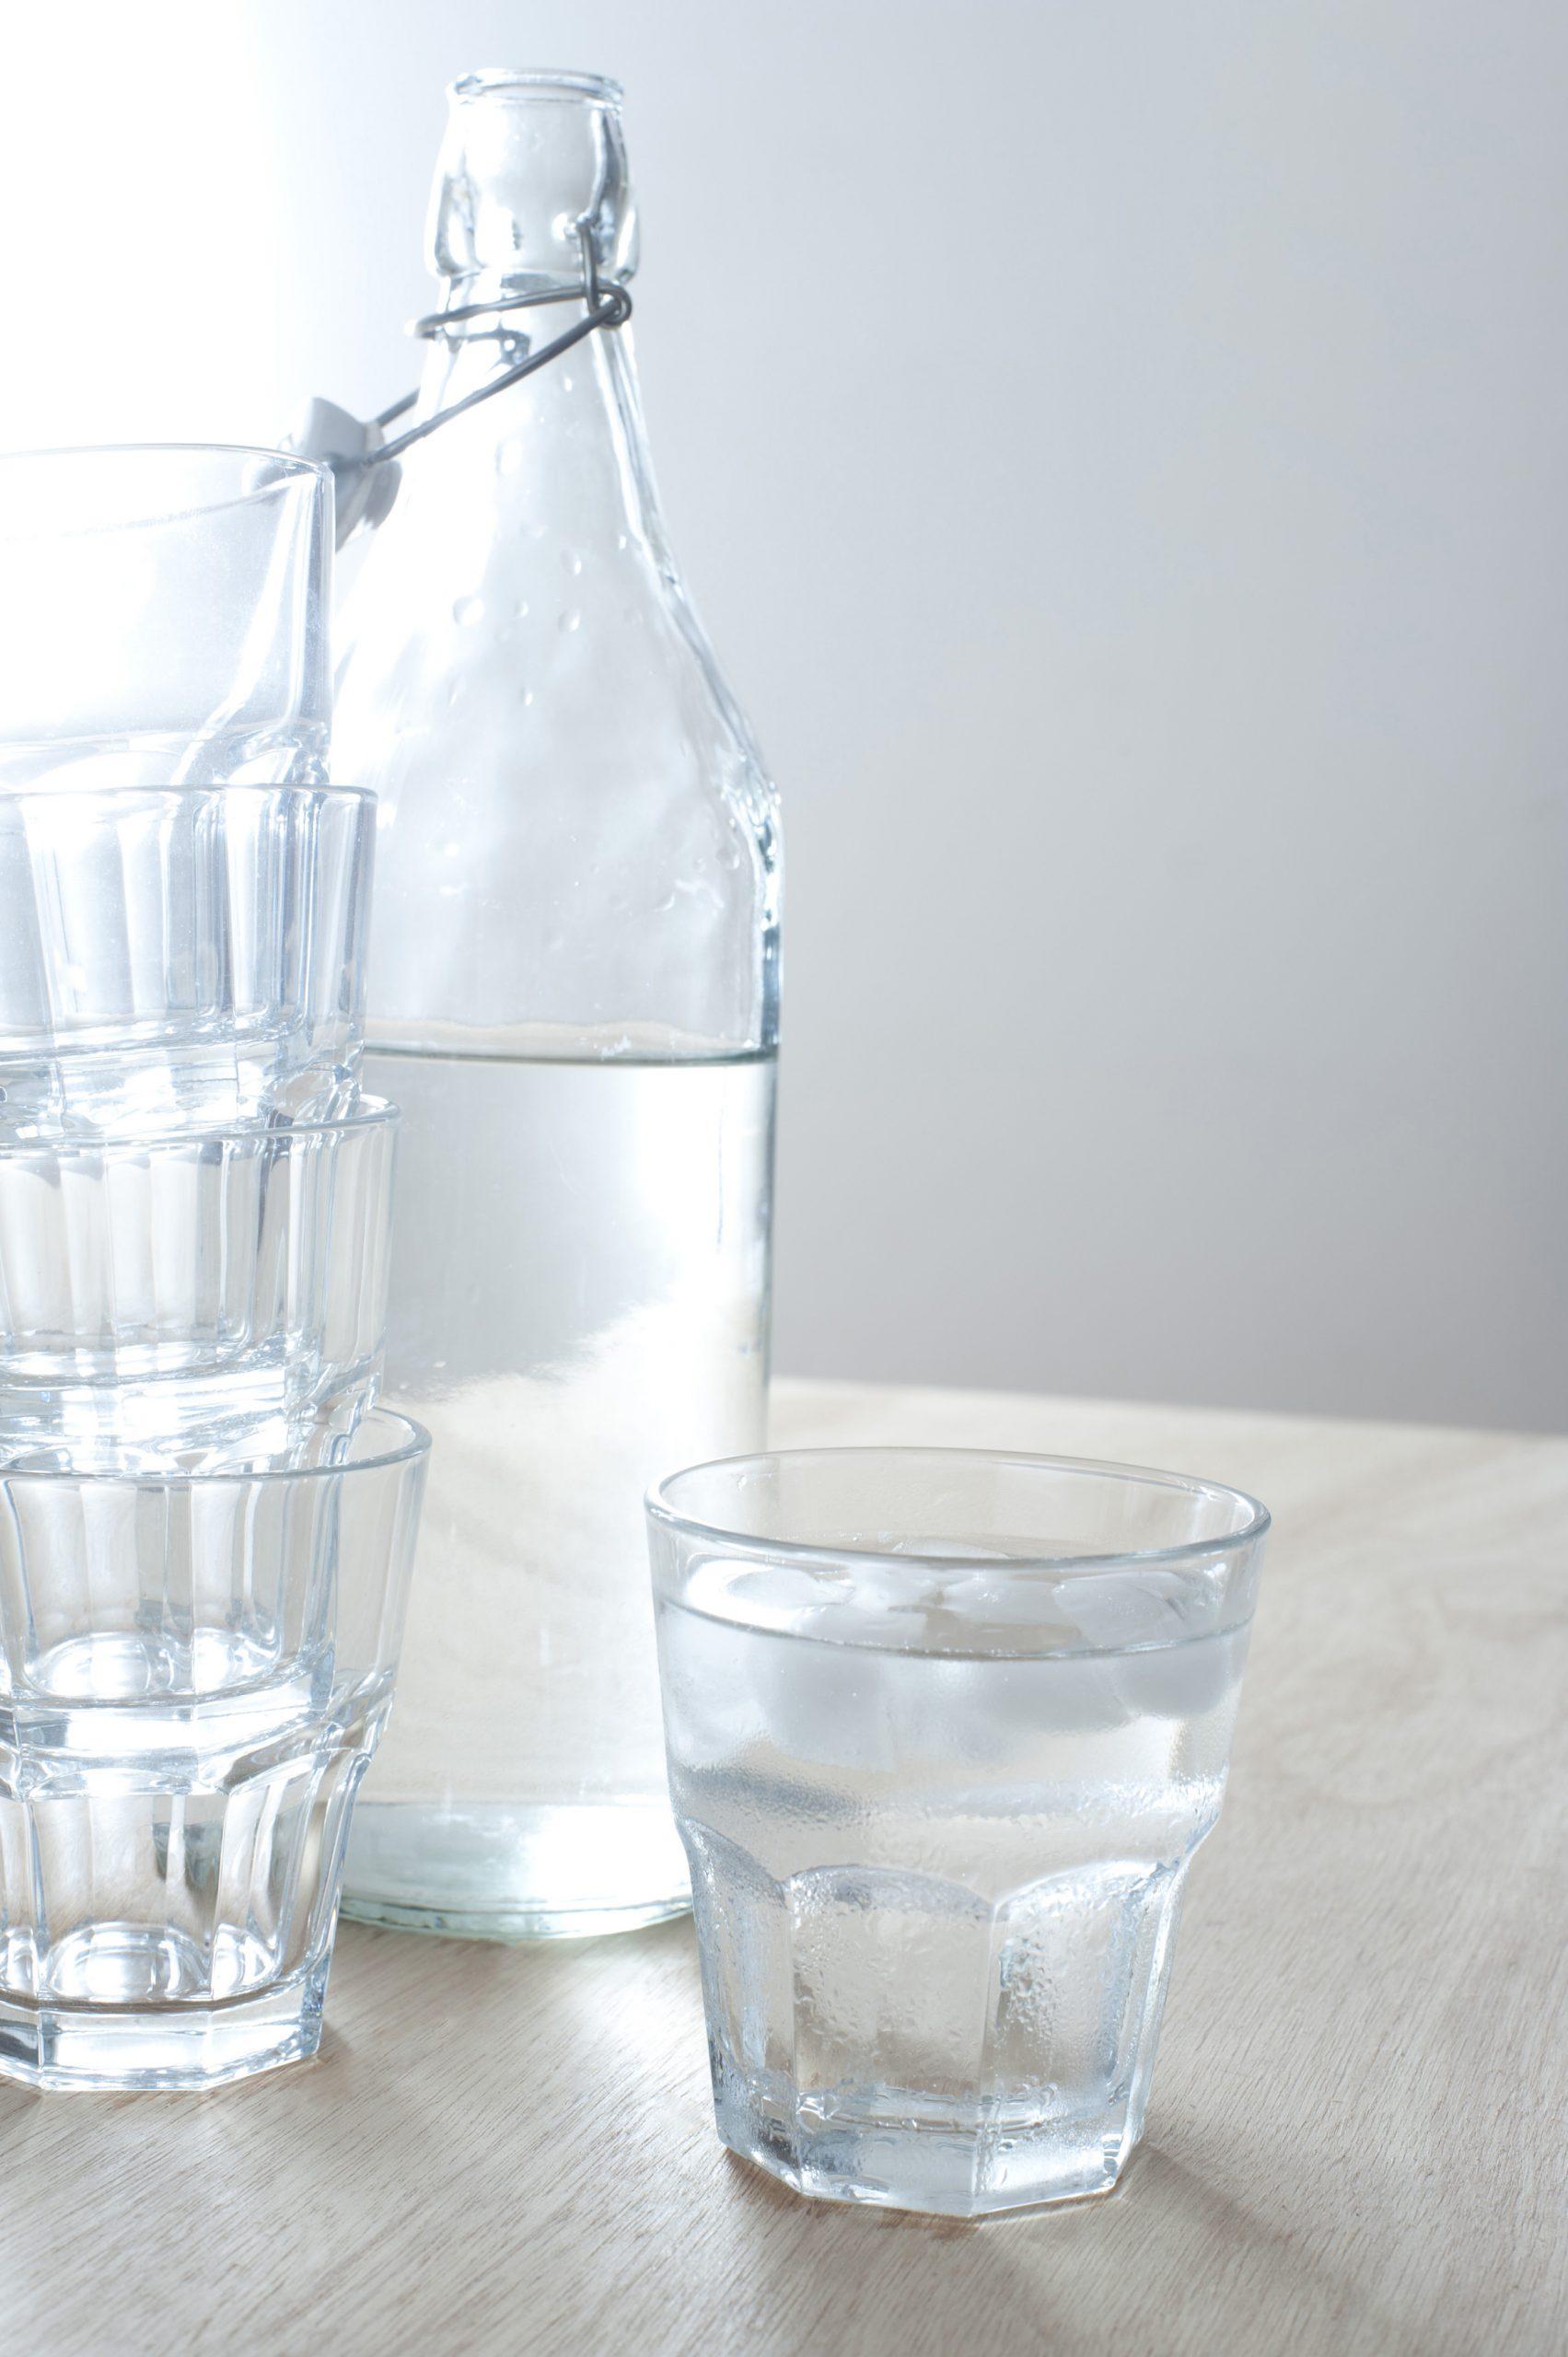 the power of water Tamzin Cochrane